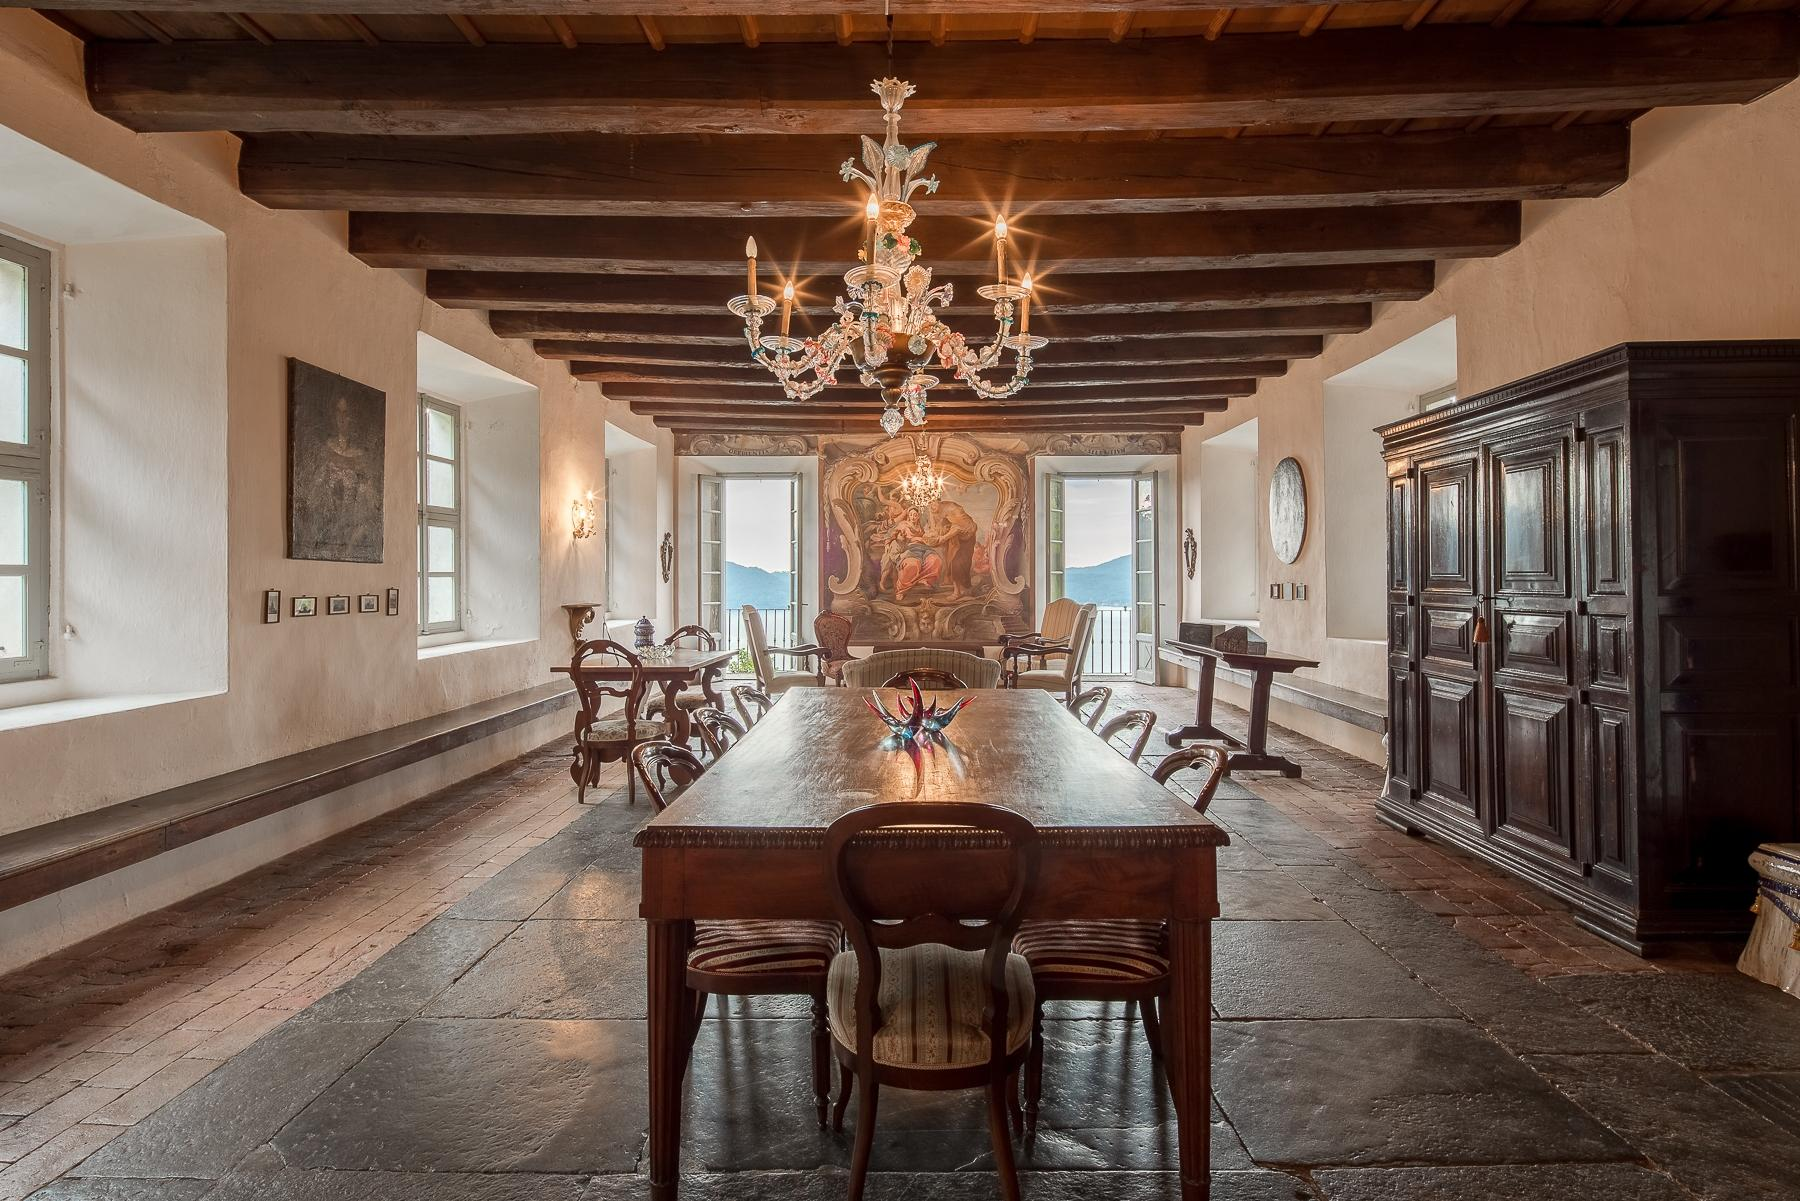 Ancien couvent et Villa du XIXe siècle sur le Sacro Monte - Orta San Giulio - 6